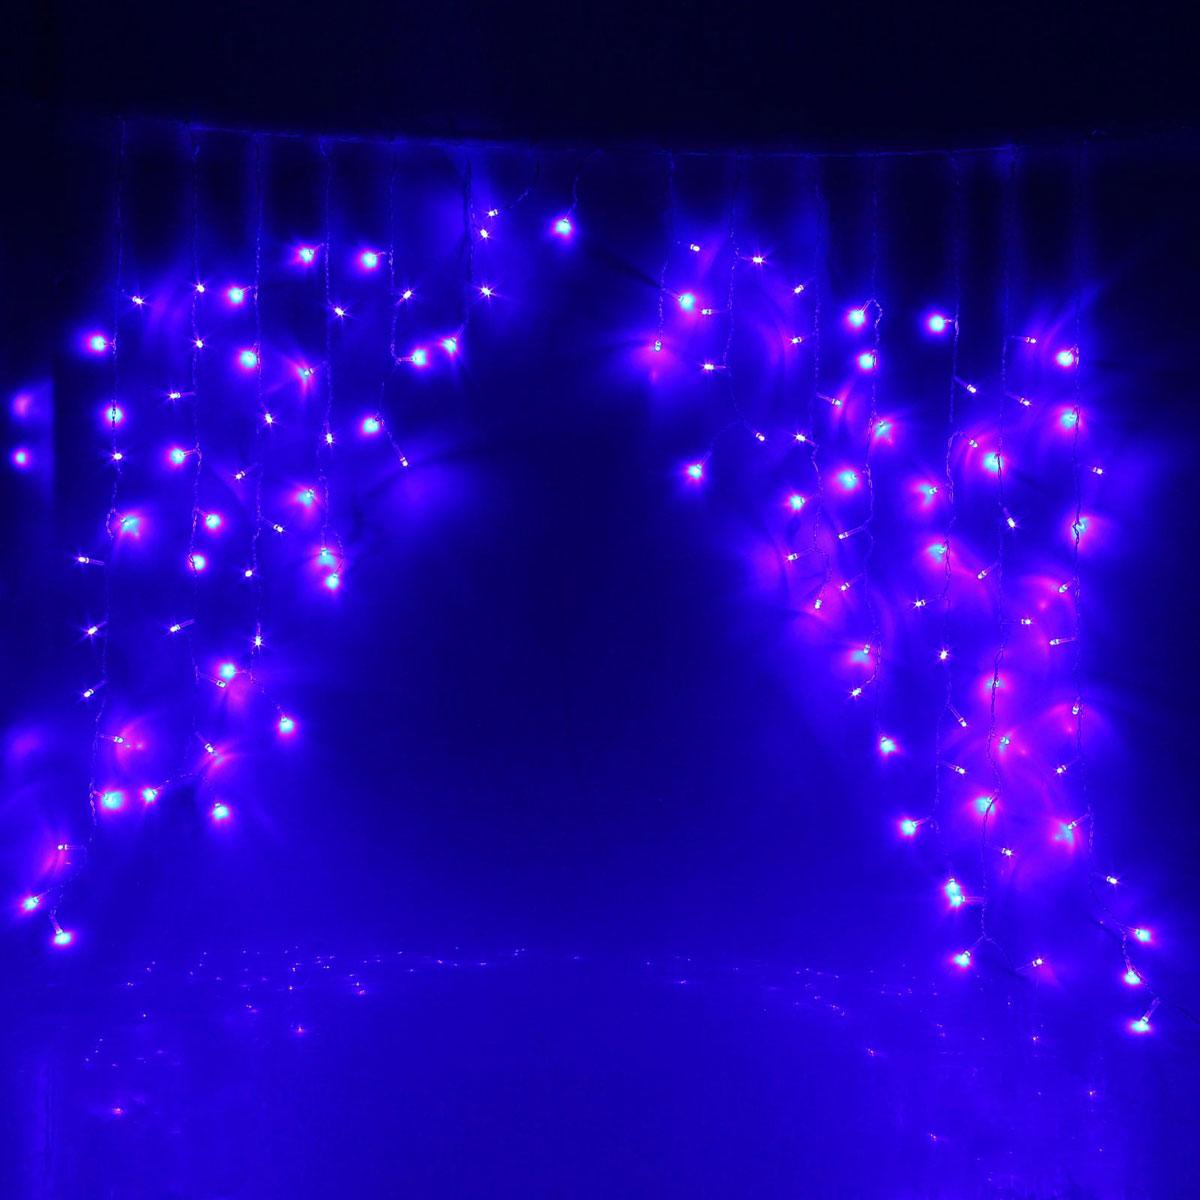 Гирлянда светодиодная Luazon Бахрома. Арка, 8 режимов, 126 ламп, 220 V, цвет: синий, 1 х 1 м. 10804311080431Светодиодные гирлянды, ленты и т.д — это отличный вариант для новогоднего оформления интерьера или фасада. С их помощью помещение любого размера можно превратить в праздничный зал, а внешние элементы зданий, украшенные ими, мгновенно станут напоминать очертания сказочного дворца. Такие украшения создают ауру предвкушения чуда. Деревья, фасады, витрины, окна и арки будто специально созданы, чтобы вы украсили их светящимися нитями.